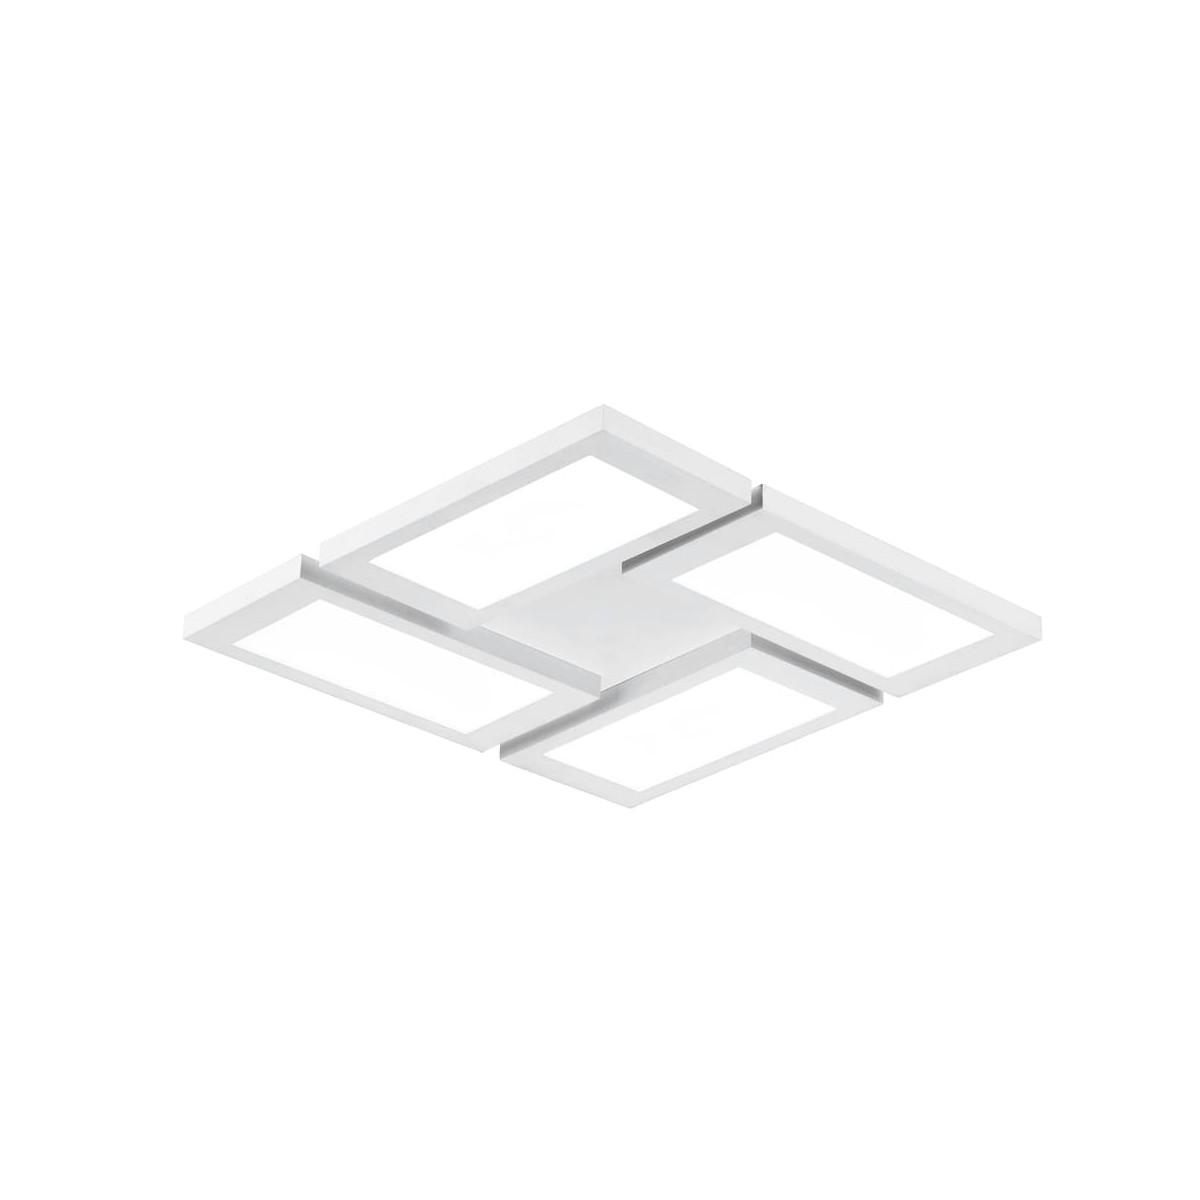 Plafón LED Or Blanco 4 Luces 72W